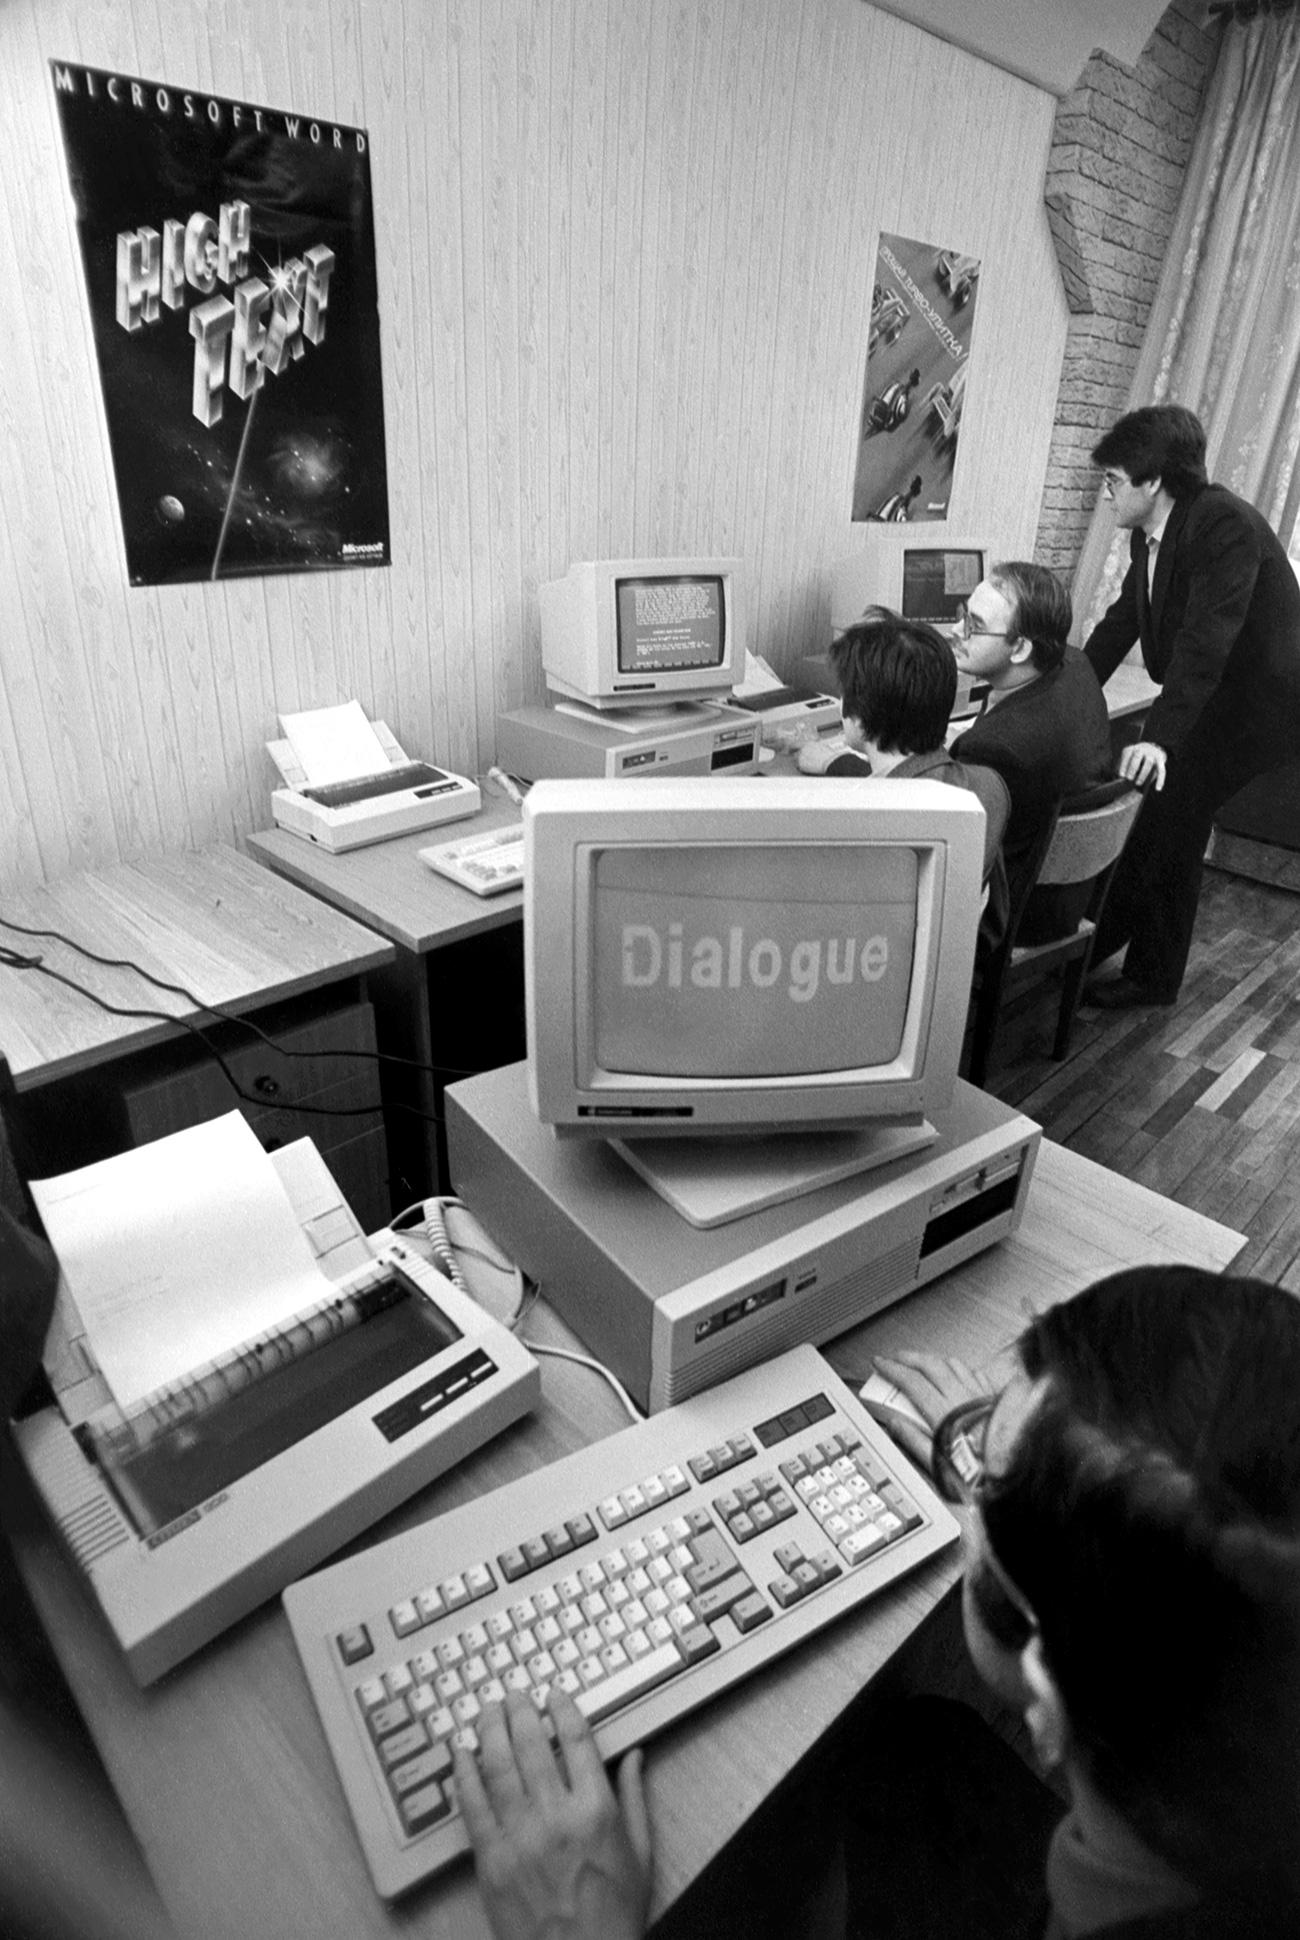 Osobna računala napravljena u SAD-u u sobi Ekonomskog računovodstvenog centra sovjetsko-američkog poduzeća za proizvodnju računala otvorenu u Gorkom. / Nikolaj Moškov/TASS